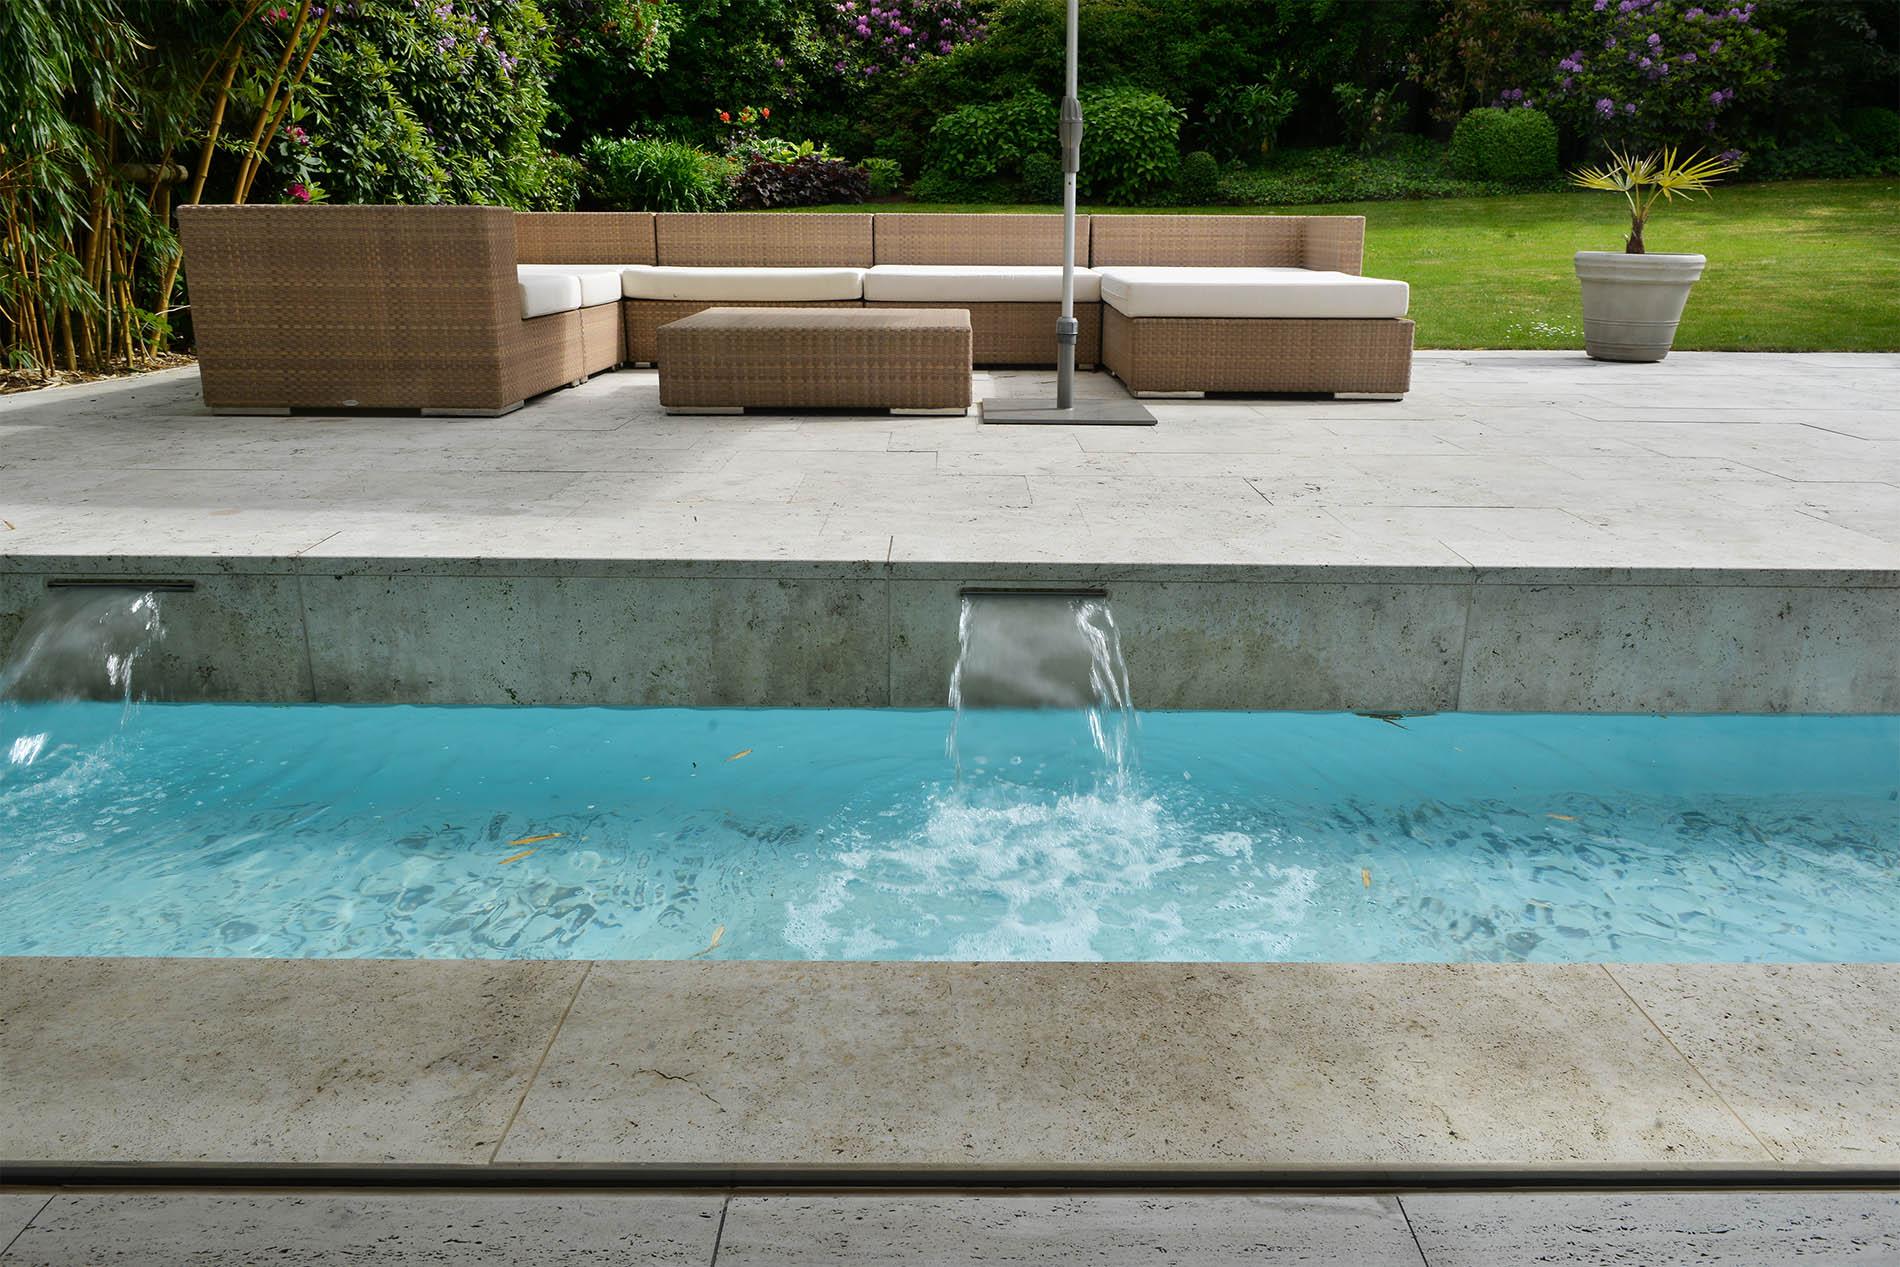 Terrassenplatten und Poolumrandung aus Travertin von TRACO